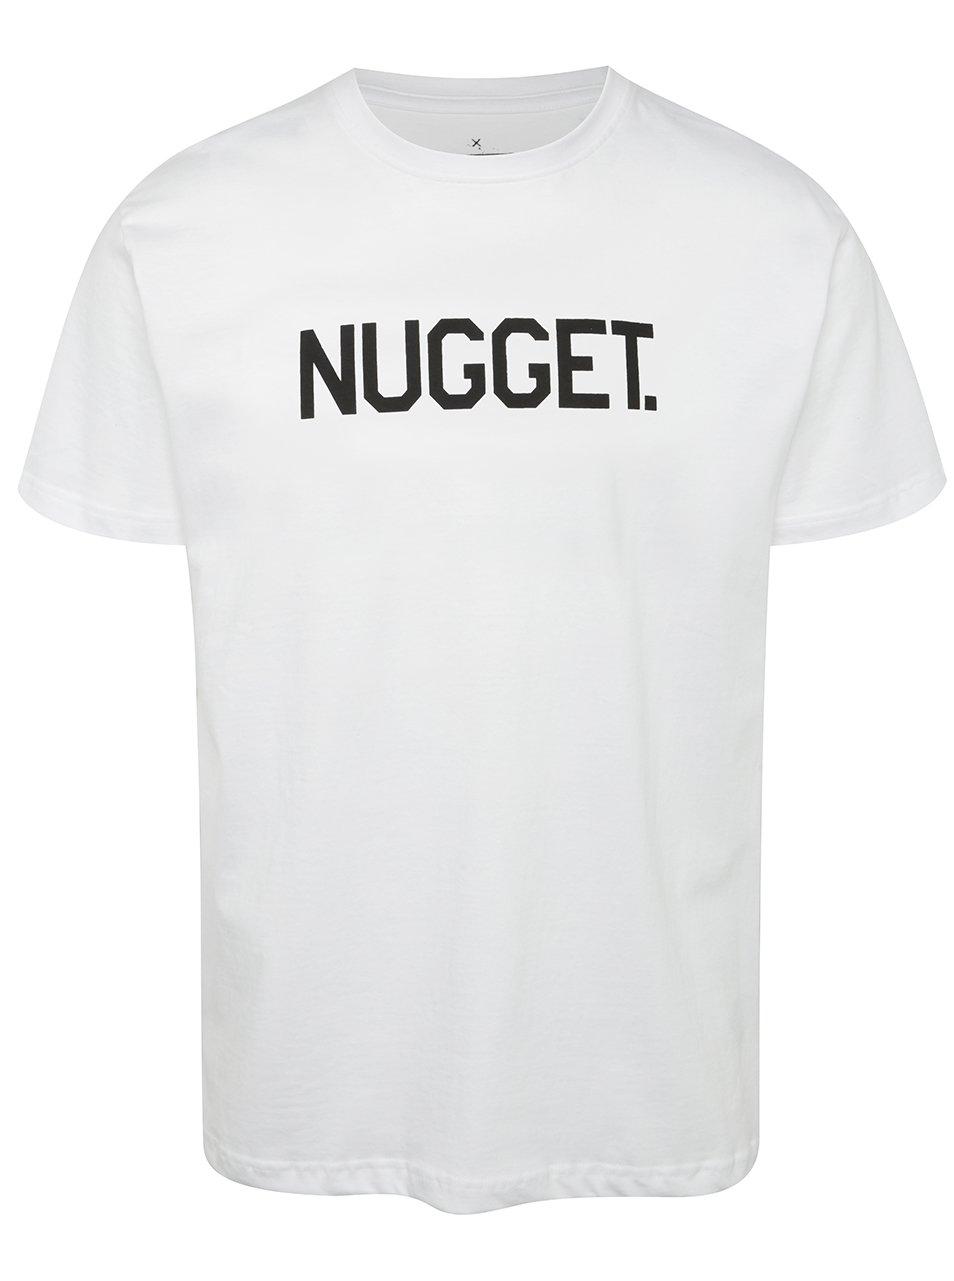 Bílé pánské triko s potiskem NUGGET Logo